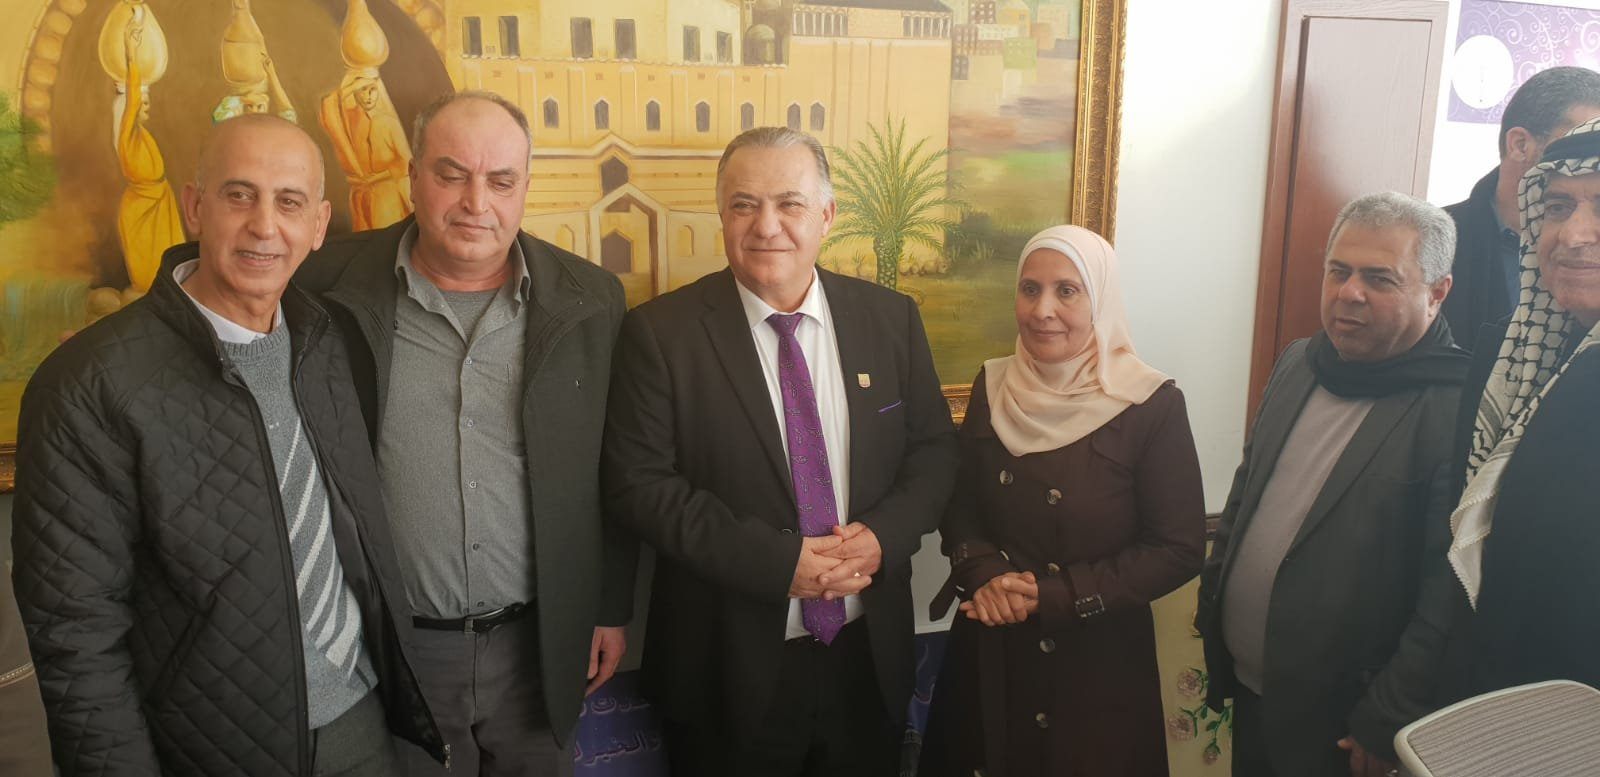 رئيس بلدية جنين فايز السعدي وأعضاء بلدية يزورون بلدية الناصرة-3